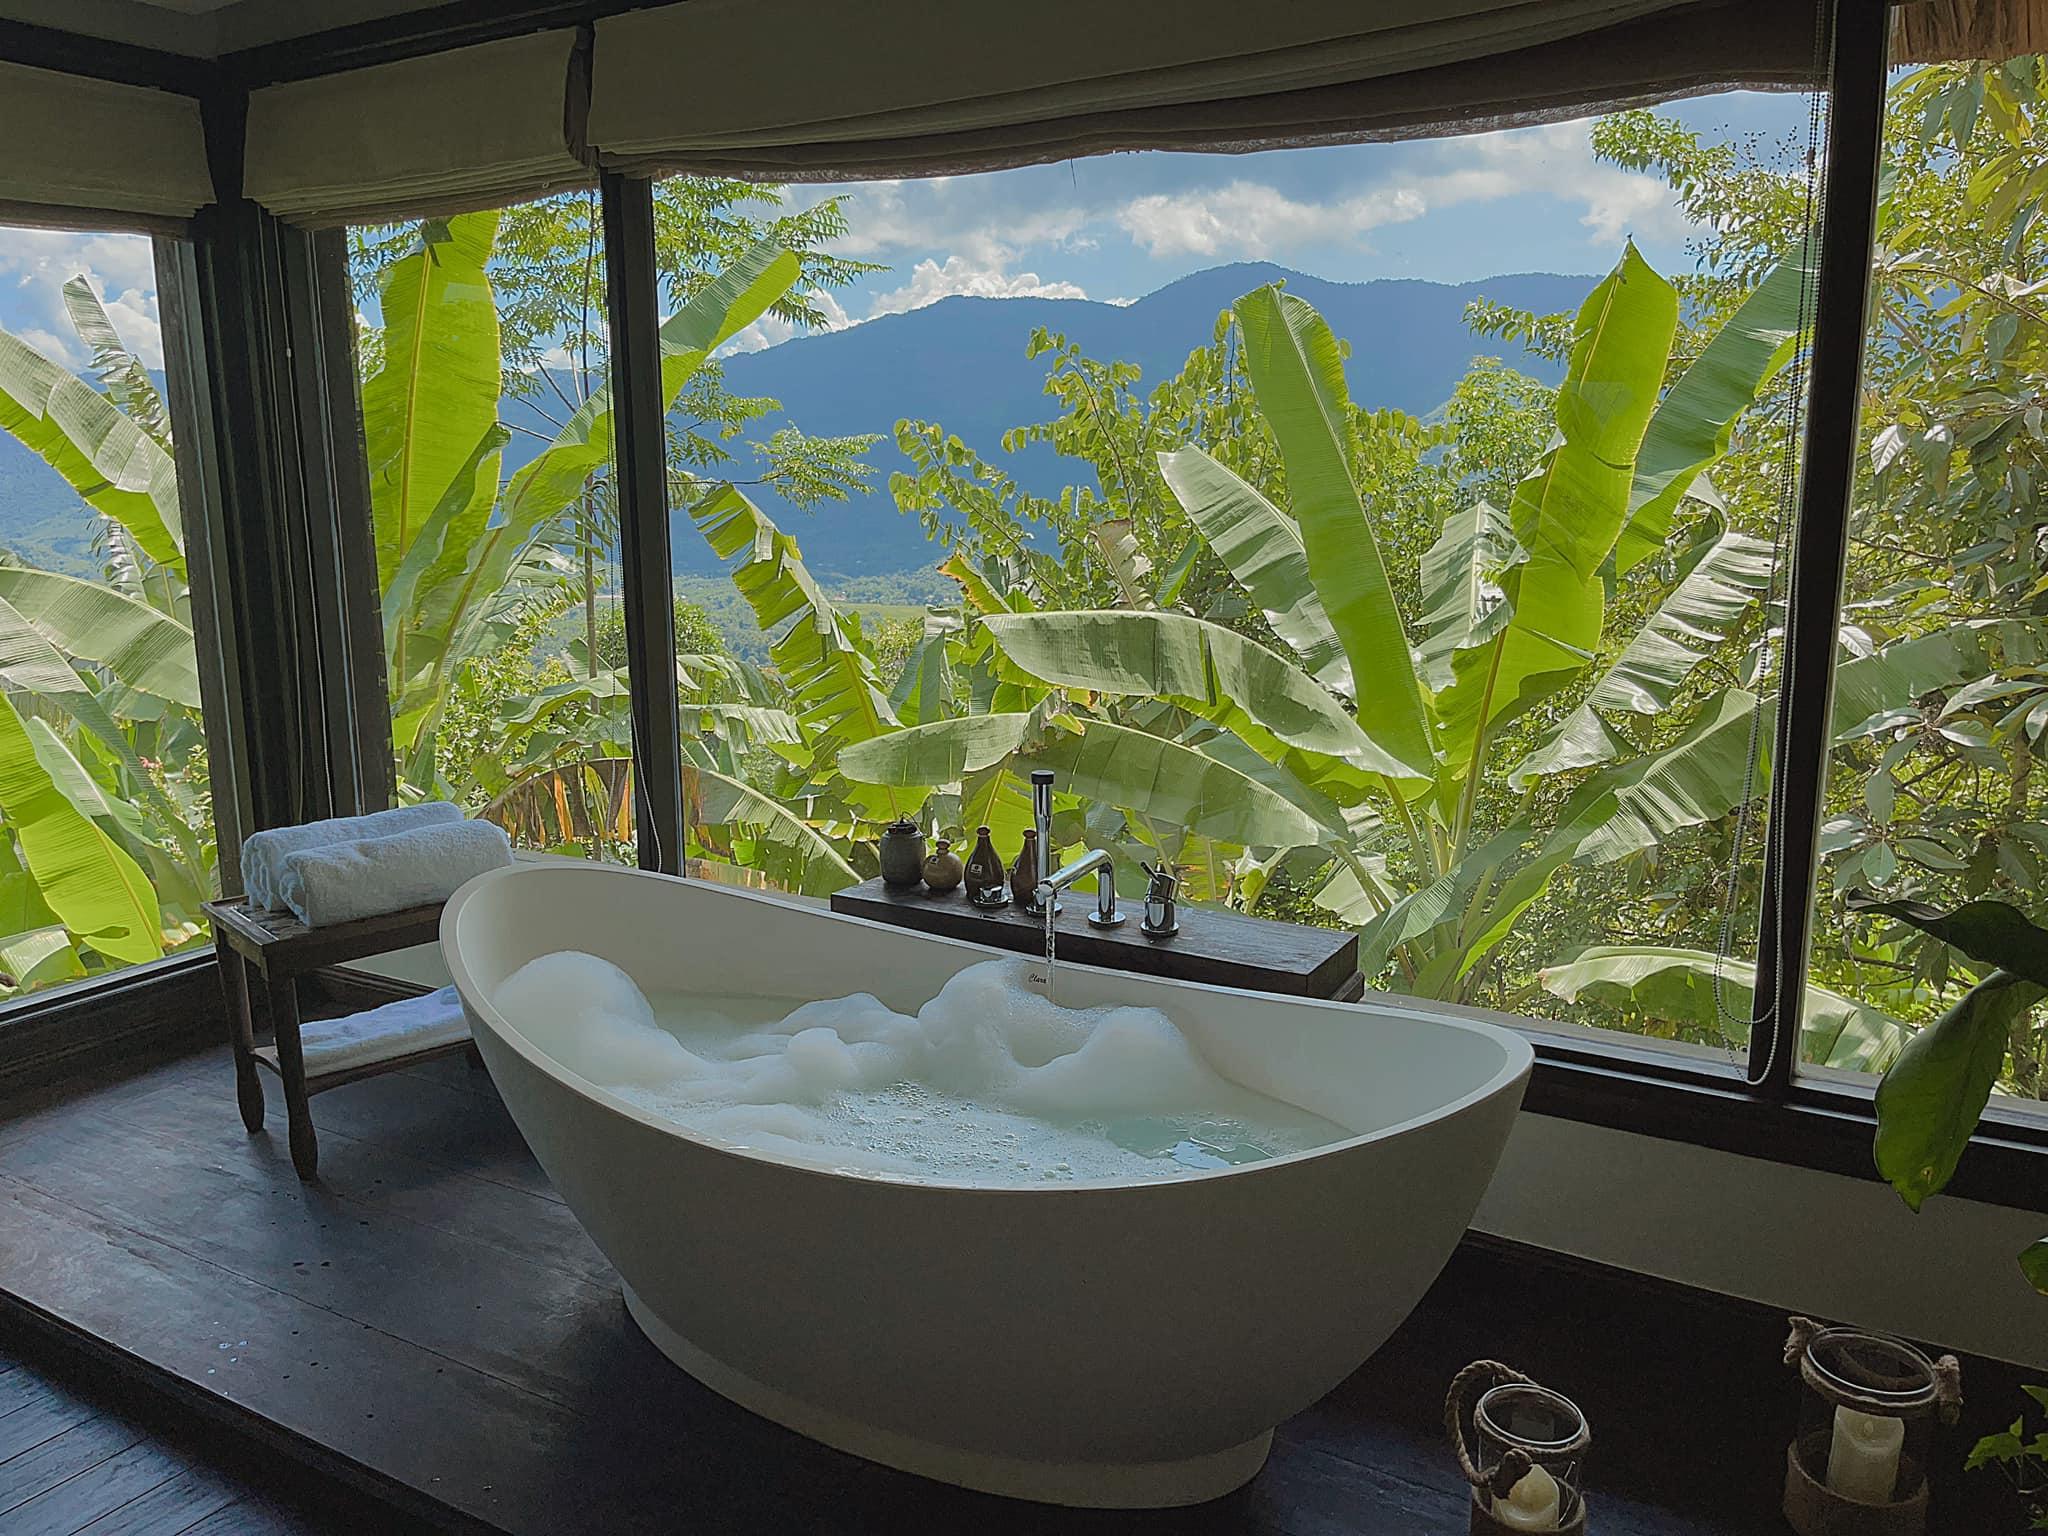 Phòng của nữ diễn viên có bồn tắm view núi rừng, có thể vừa chill vừa ngắm cảnh. Villa có hai phòng ngủ có bể bơi riêng. Tuy nhiên, Milan nhận xét bể bơi chung thiết kế đẹp hơn, có thể chụp hình sống ảo.